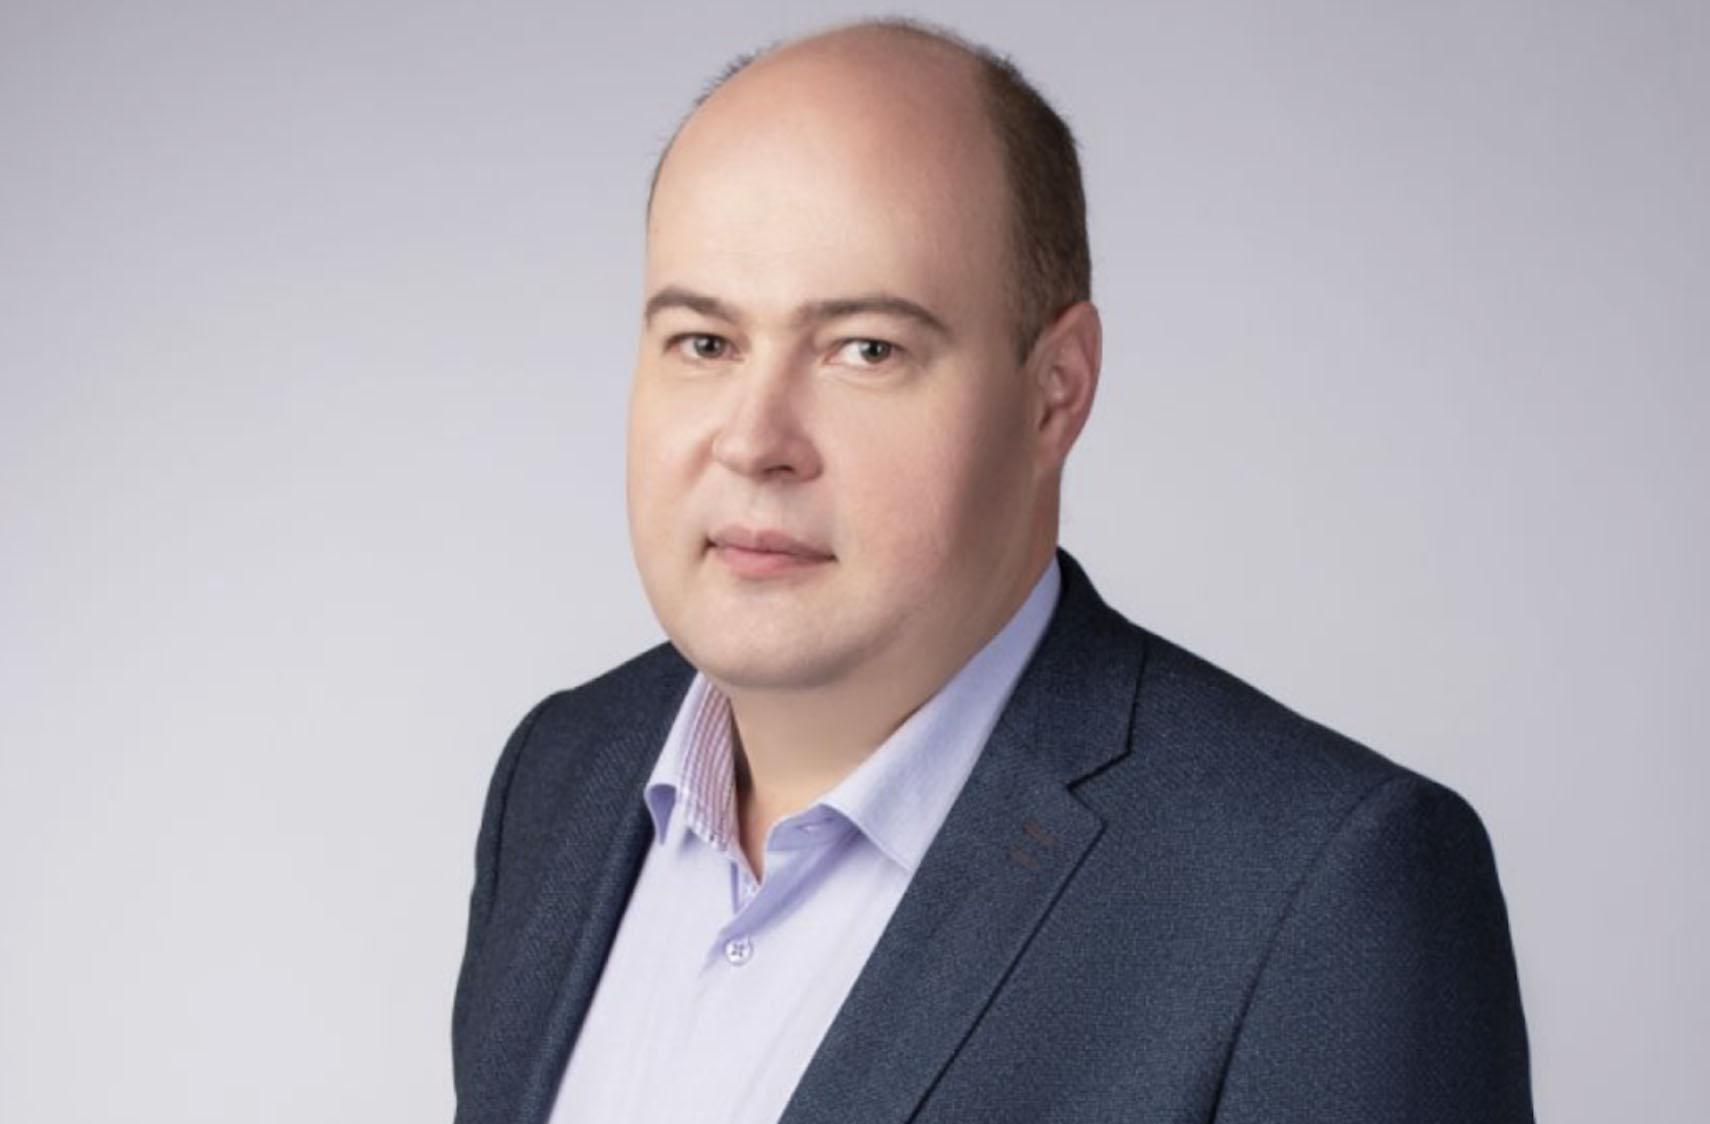 Давид Гнитецкий